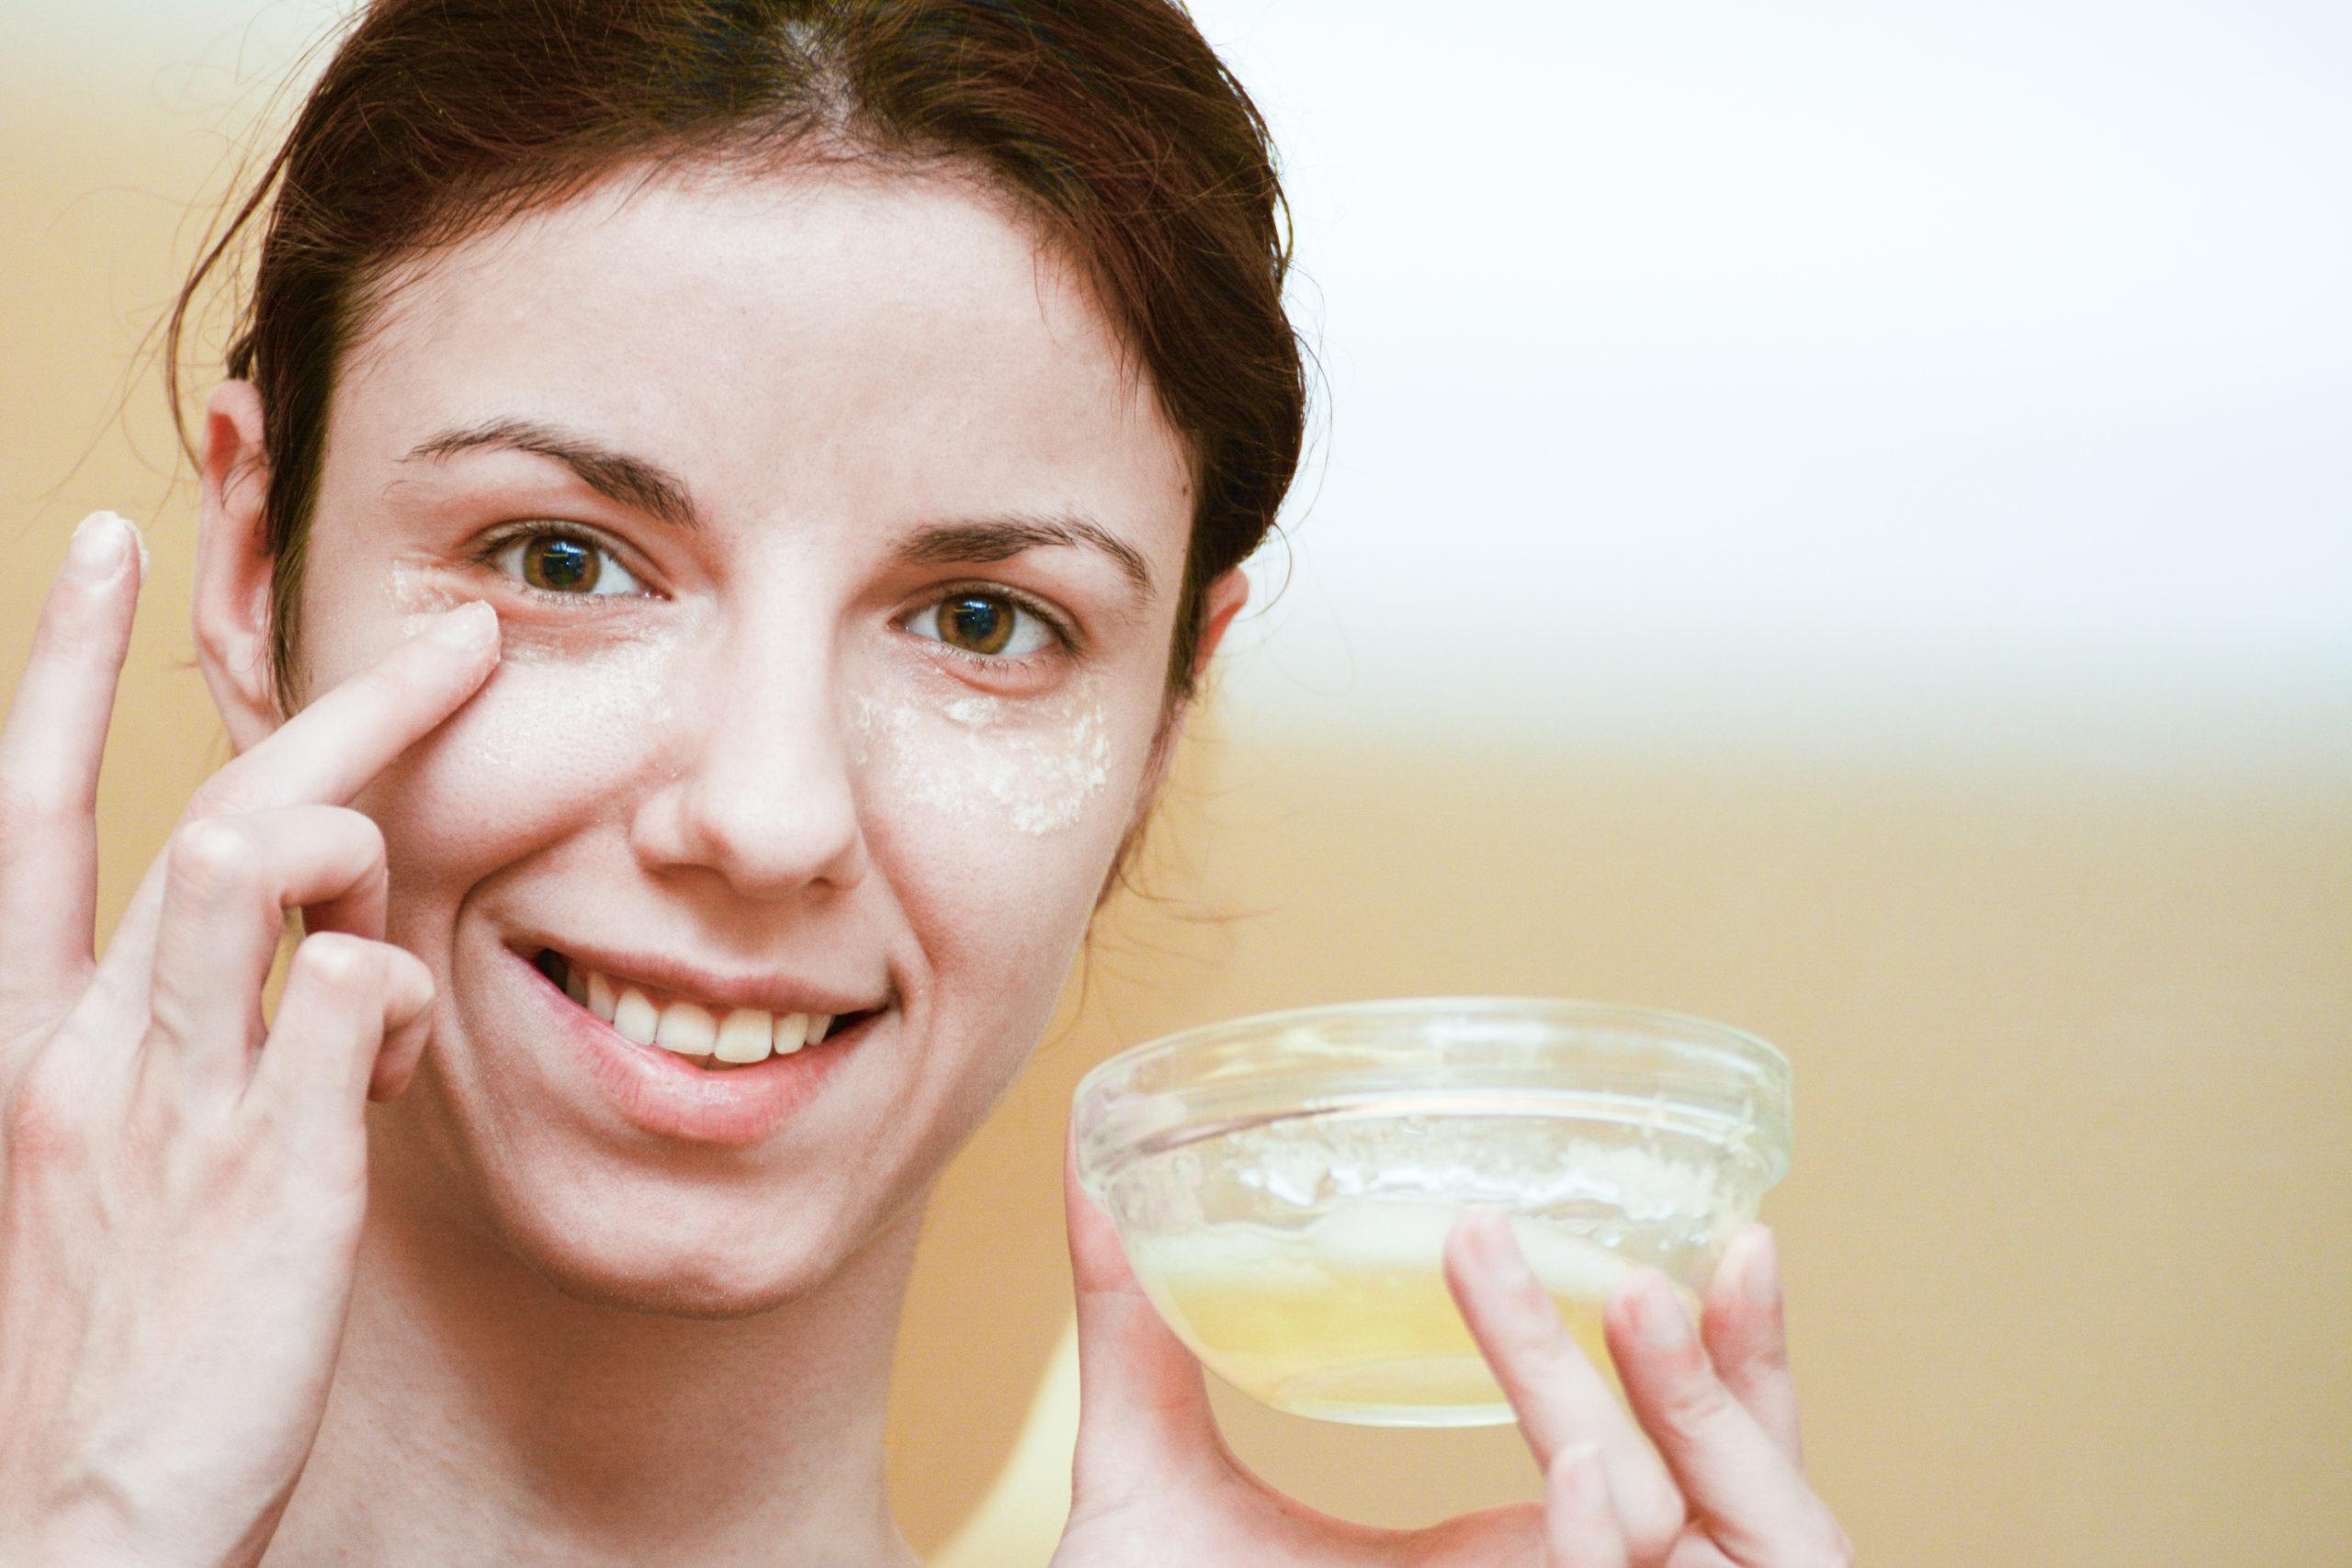 בלי לצאת מהבית: טיפוח העור ממוצרים במקרר